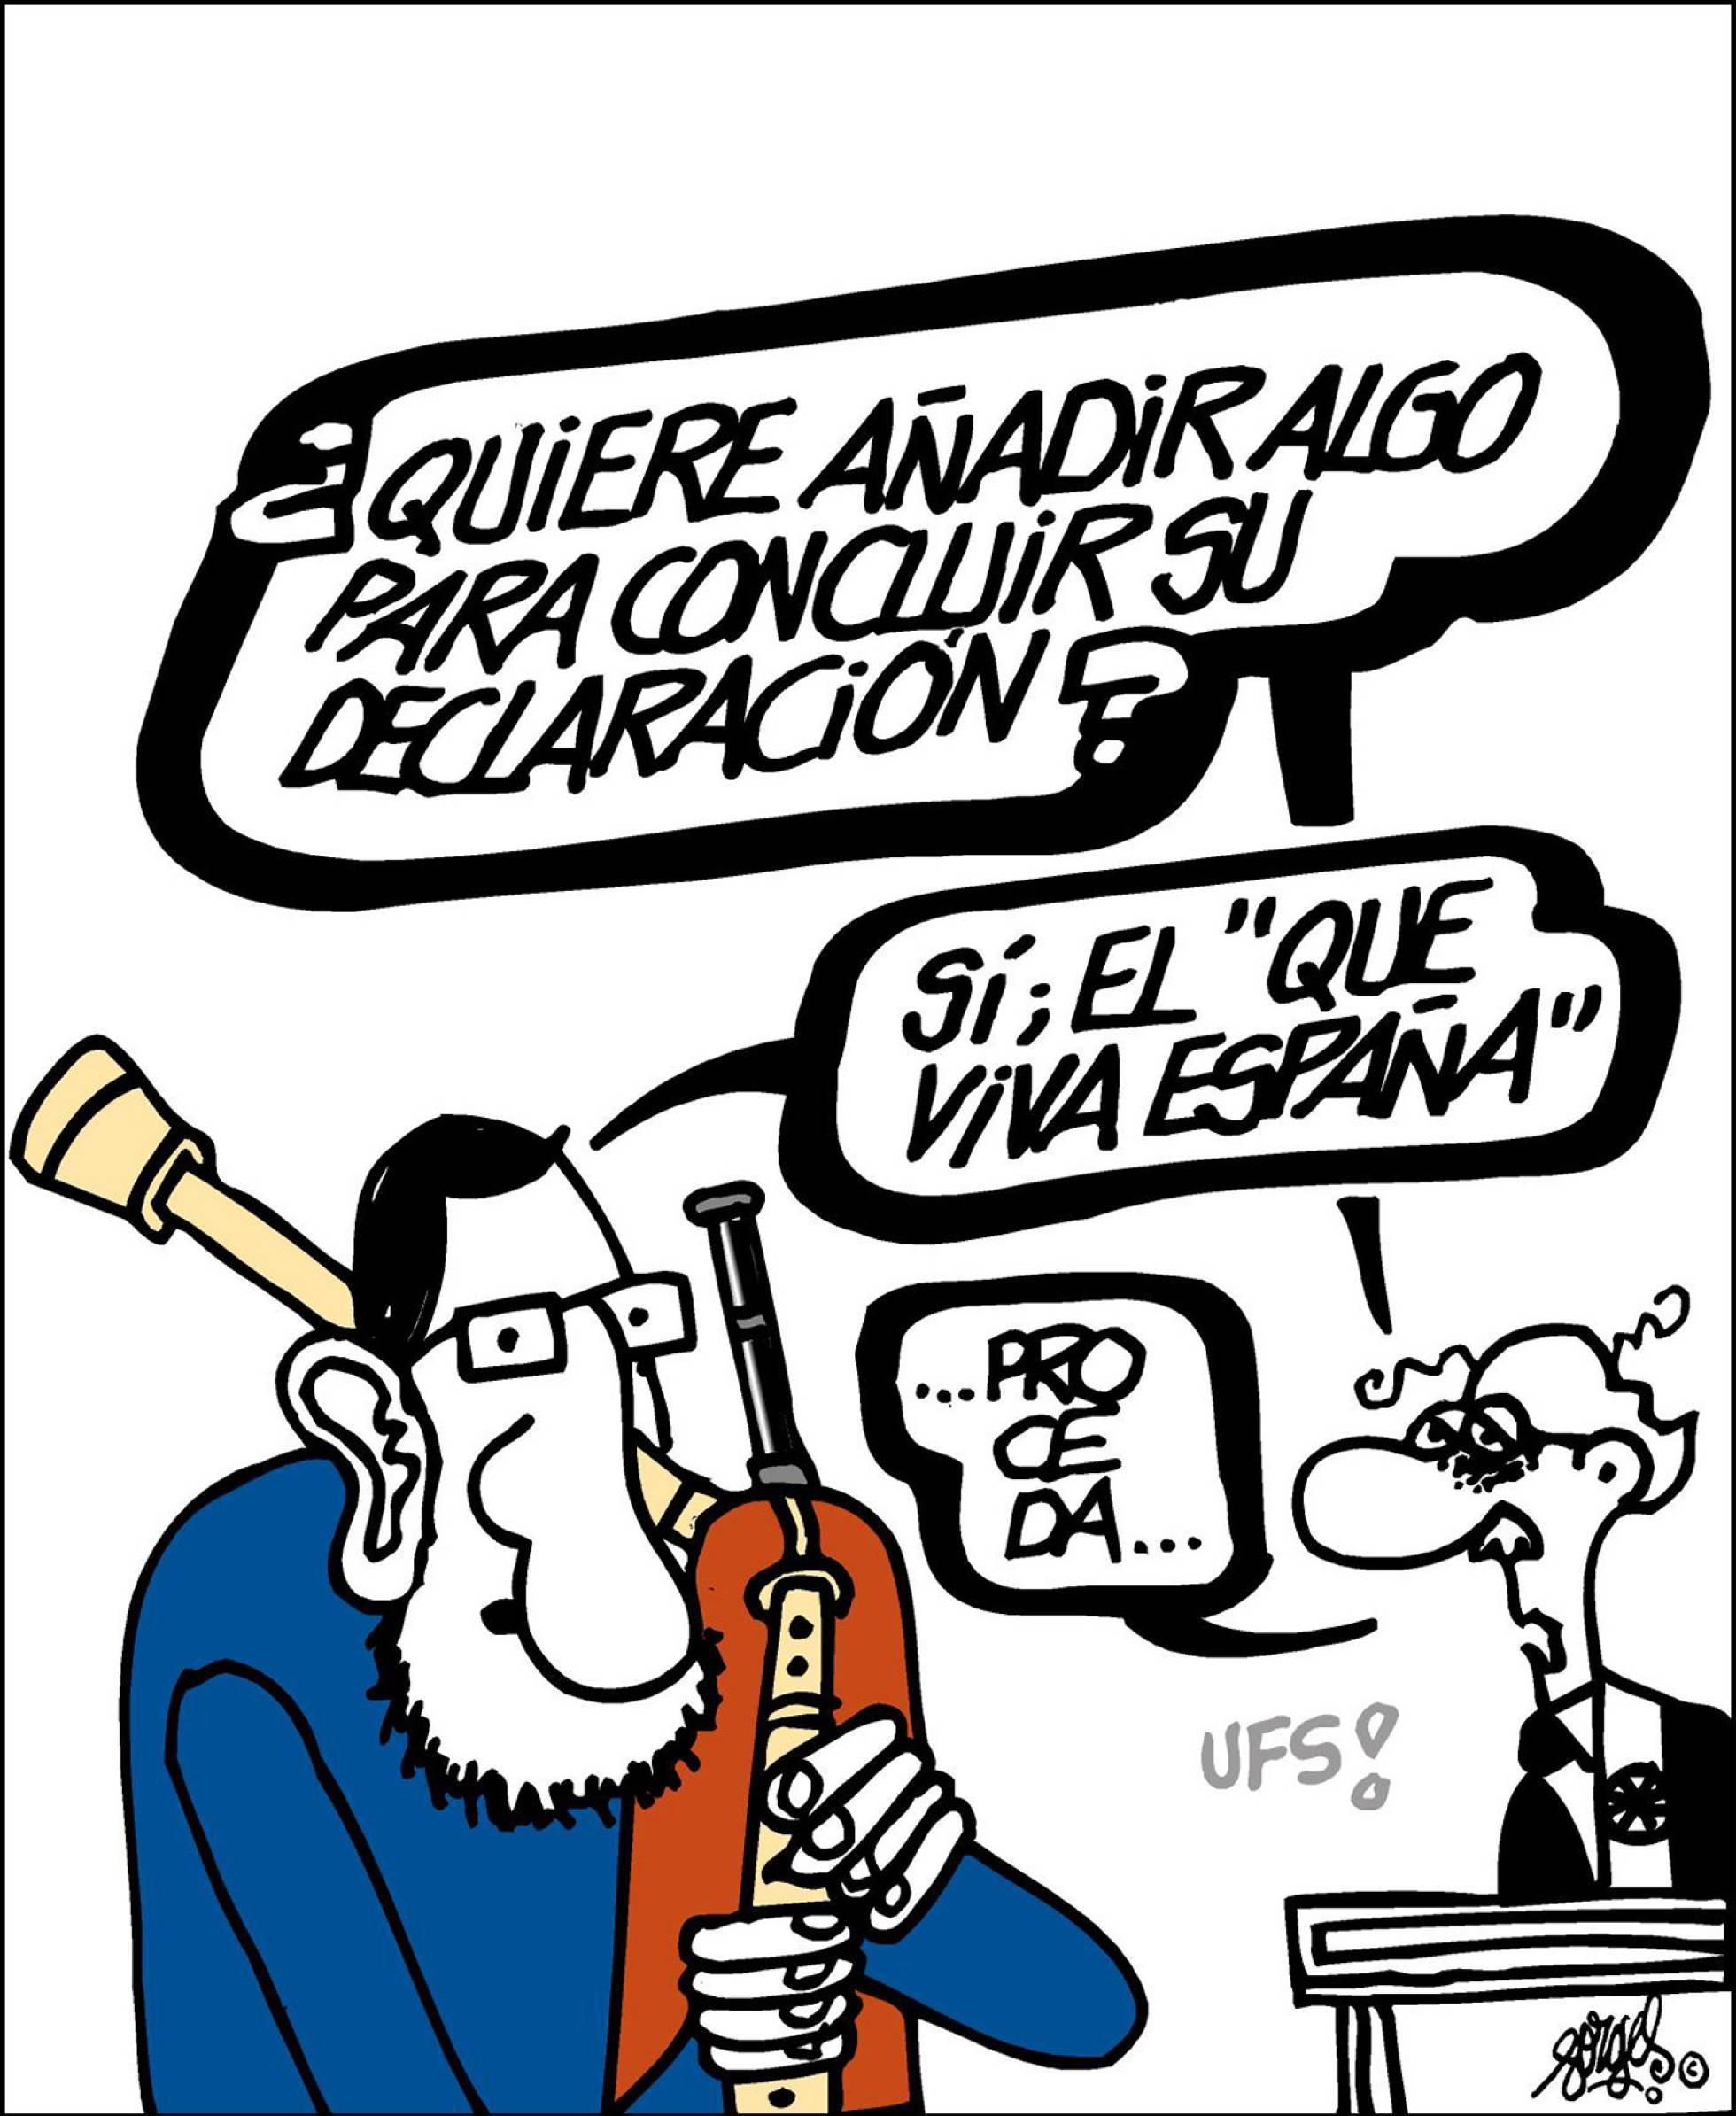 1500988971_322551_1500995797_noticia_normal_recorte1.jpg